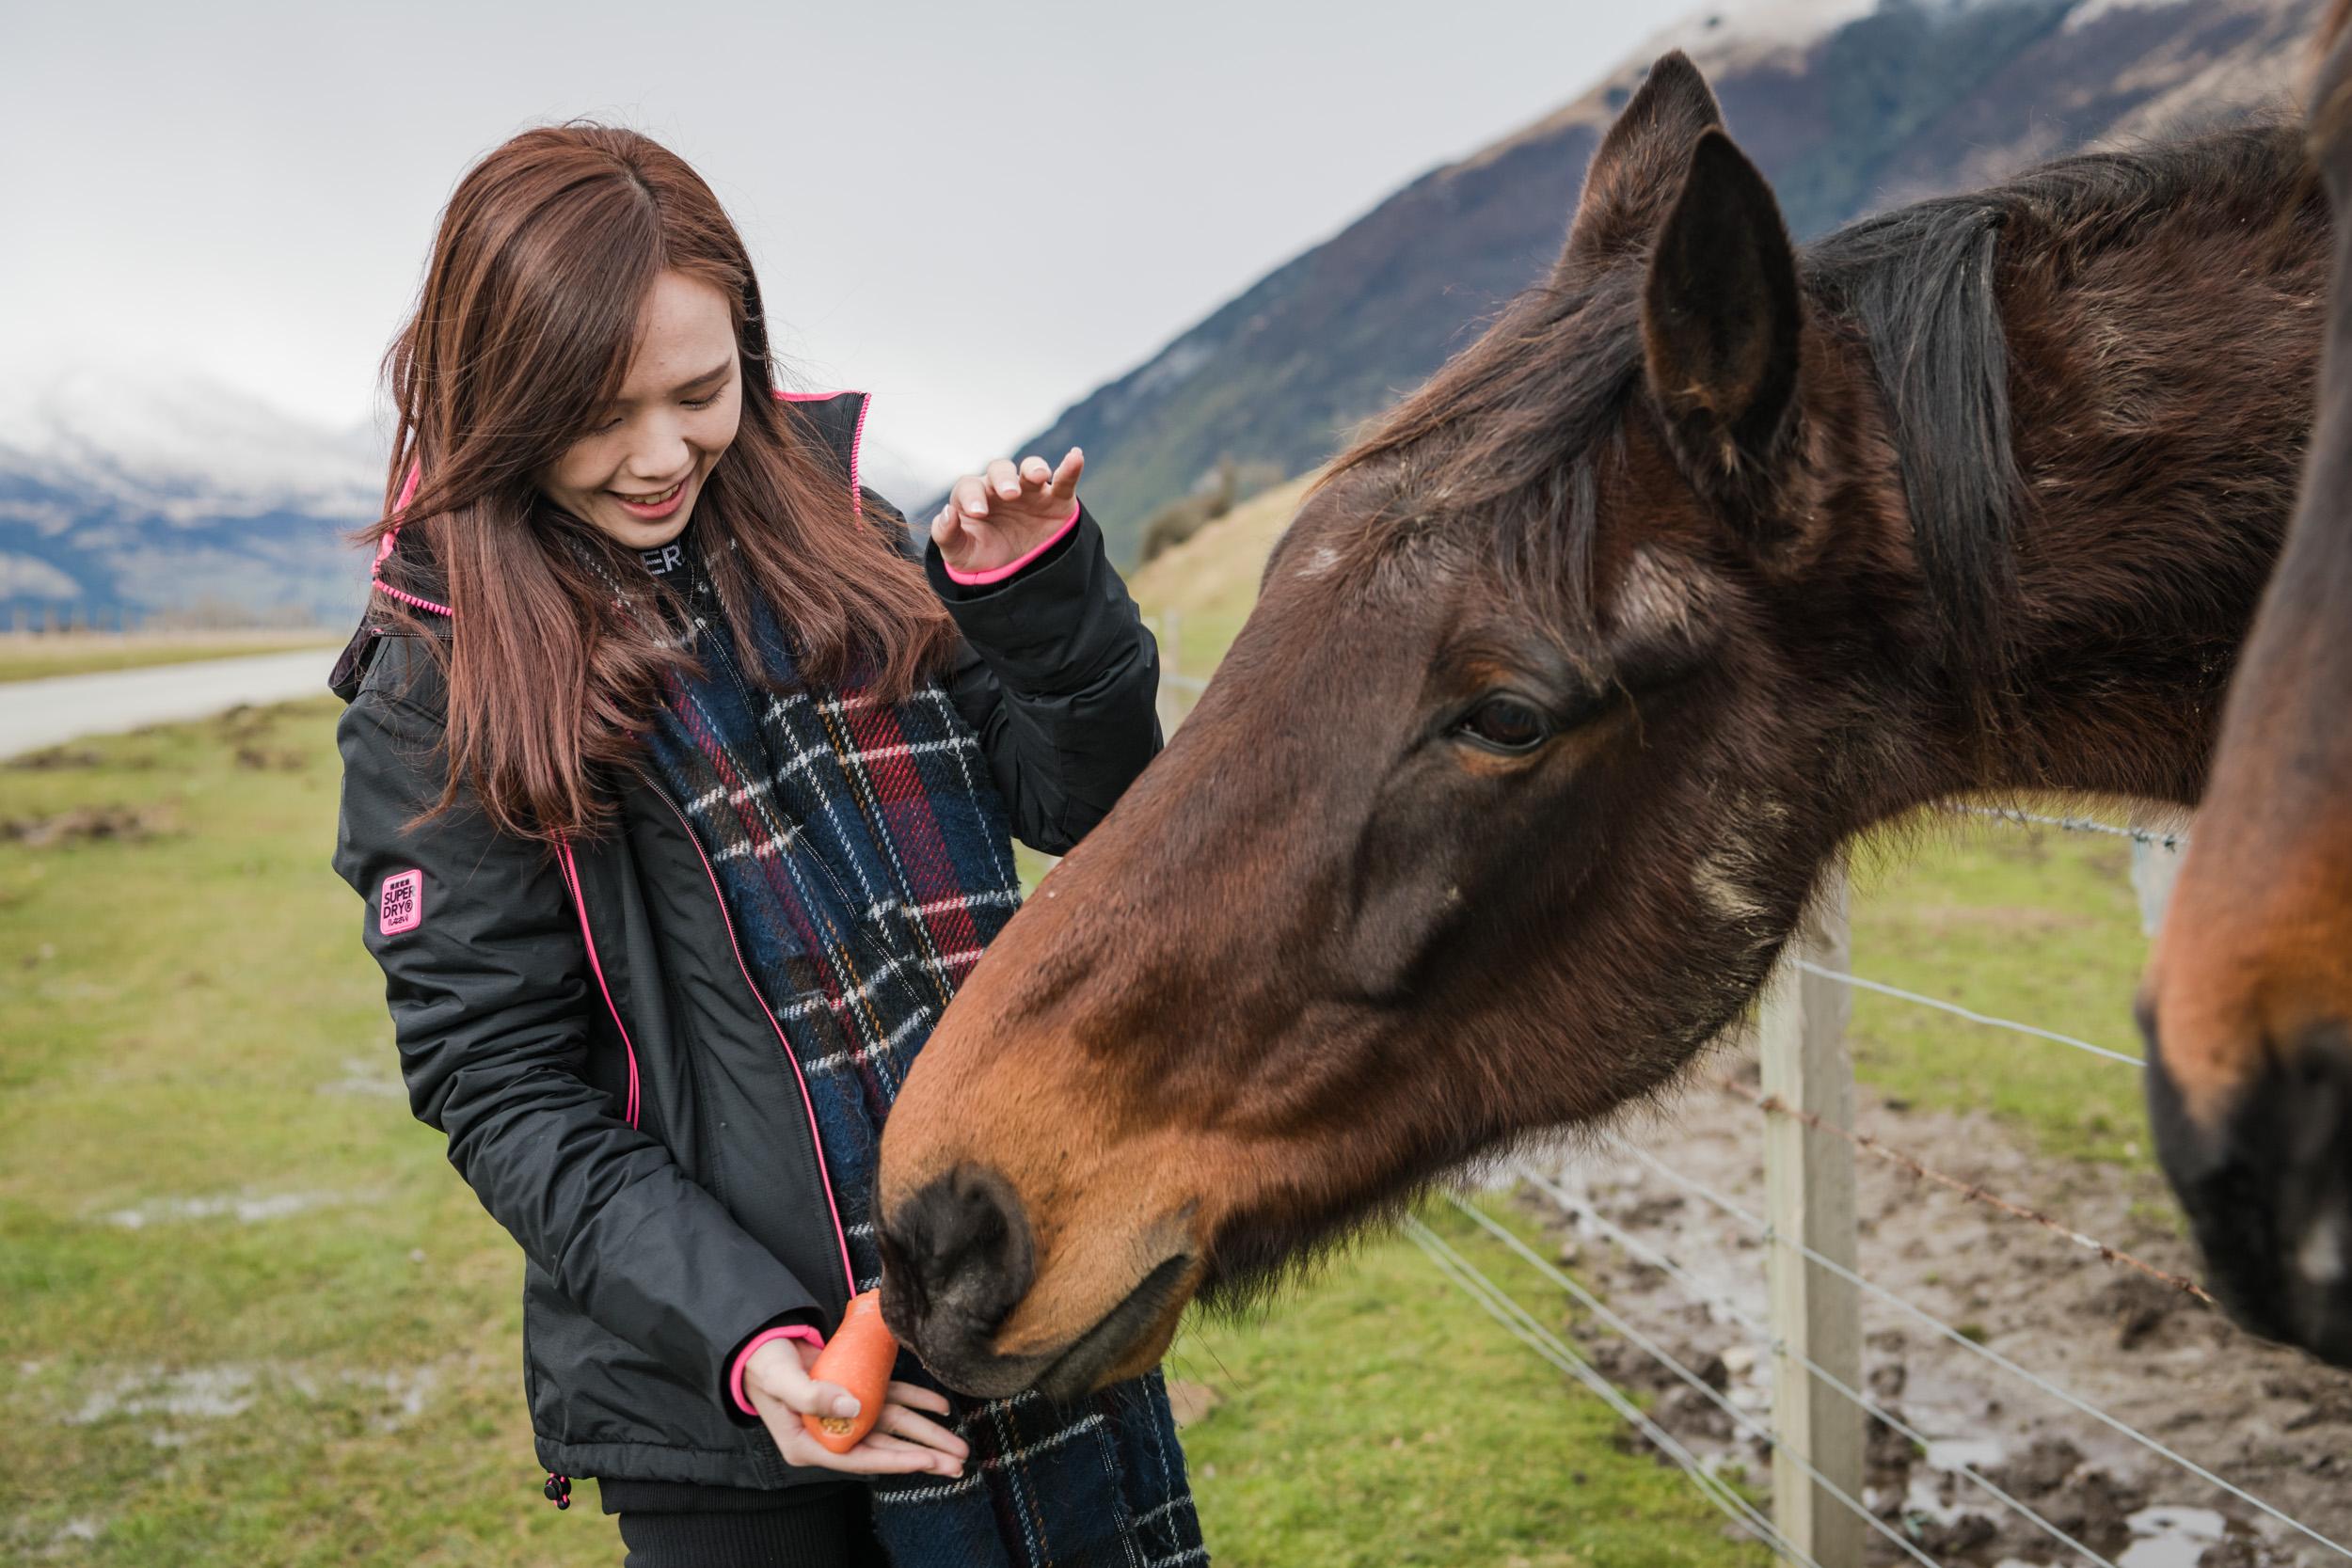 Feeding carrots to horses in Paradise New Zealand